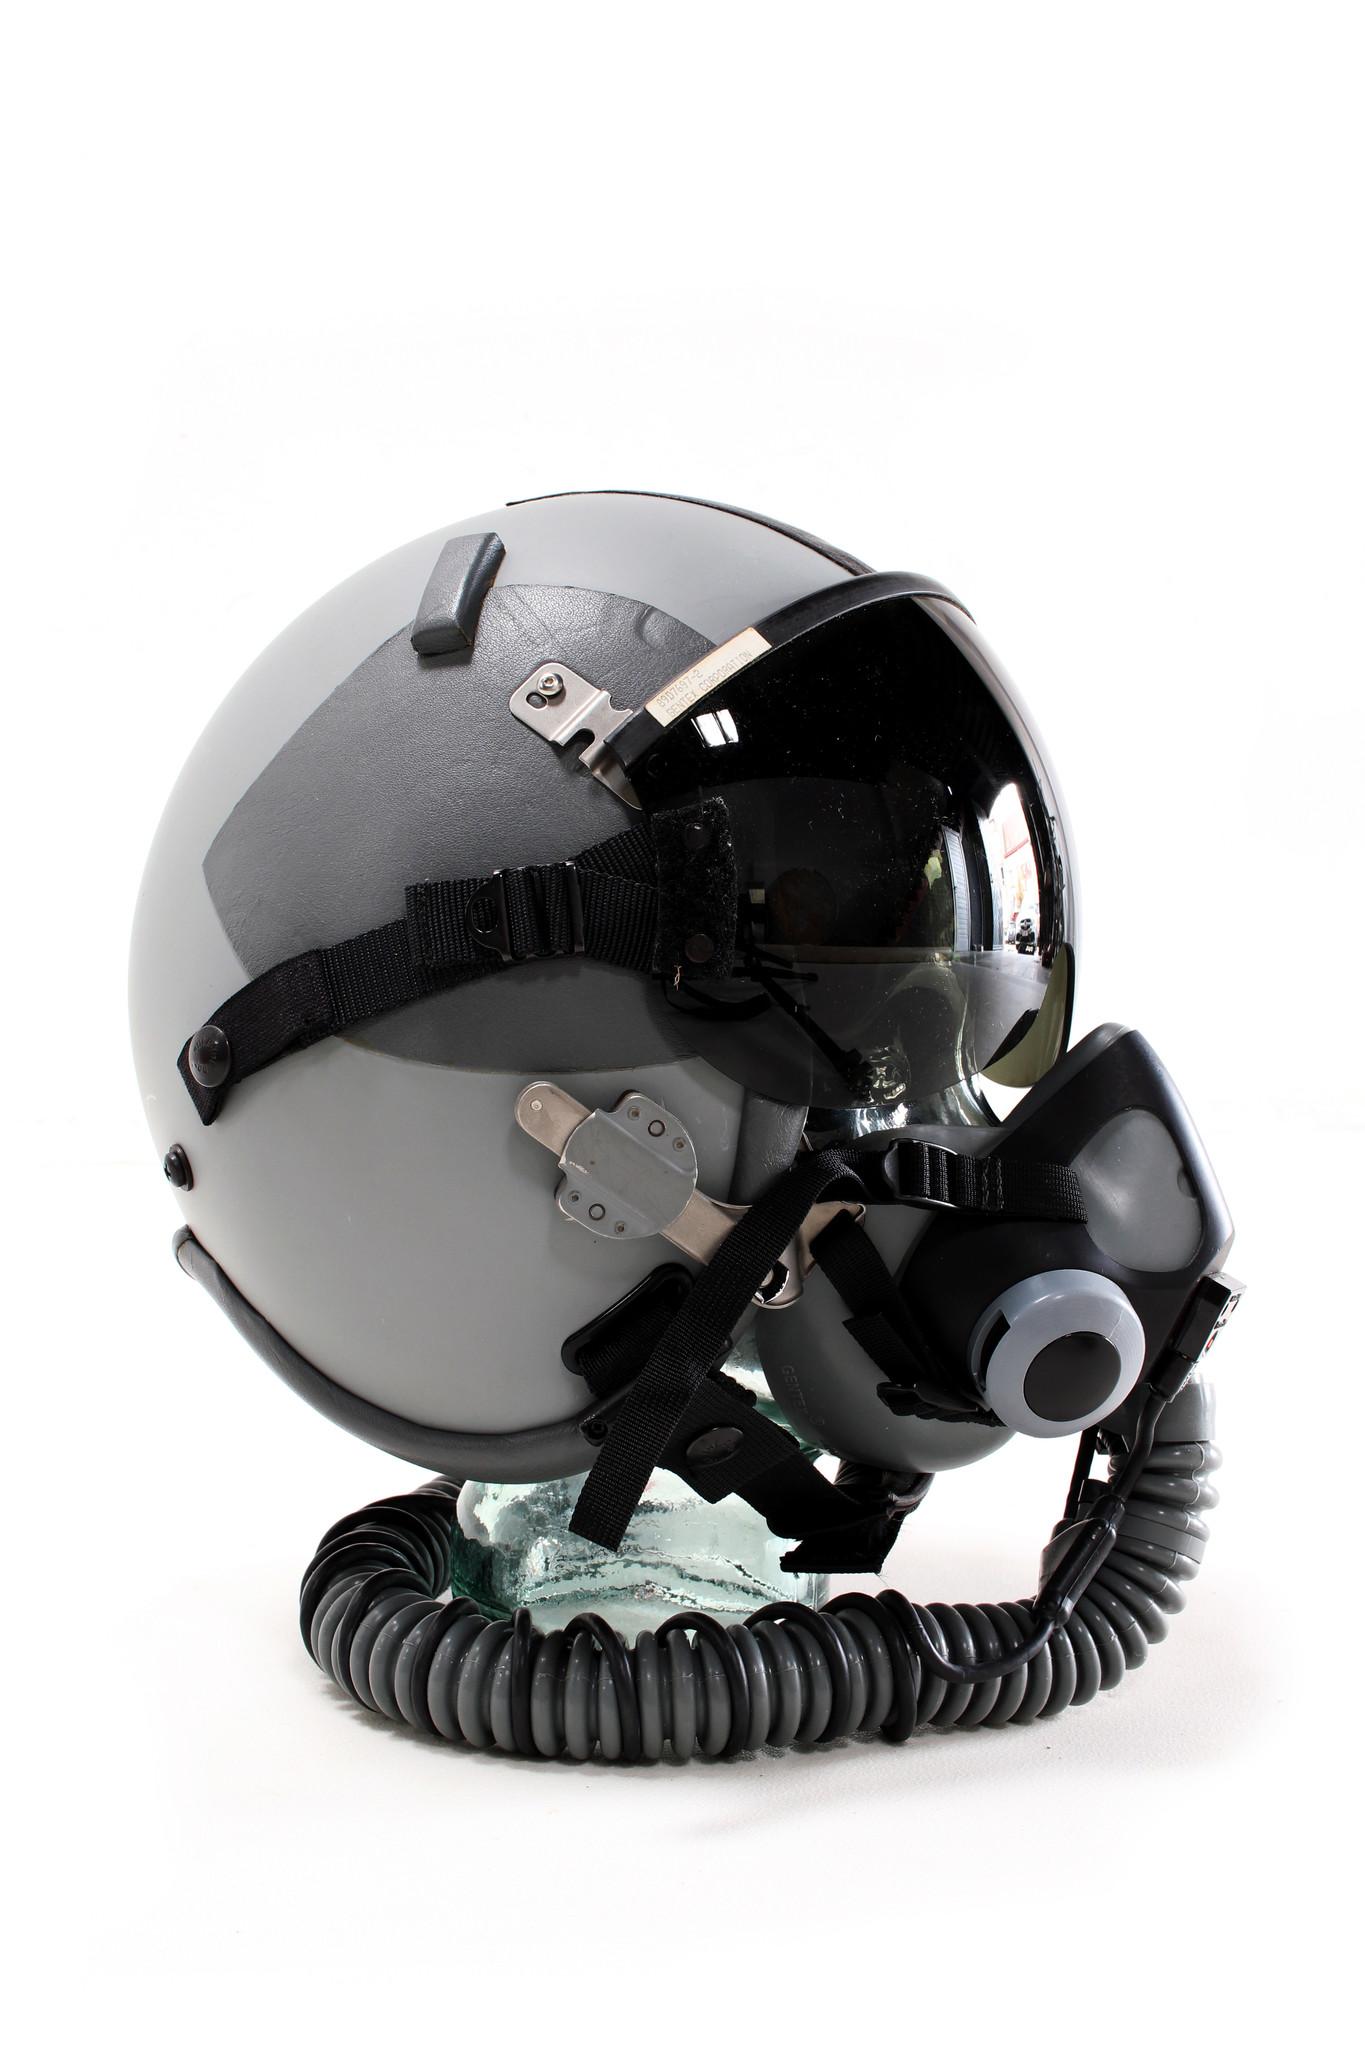 F16 helmet